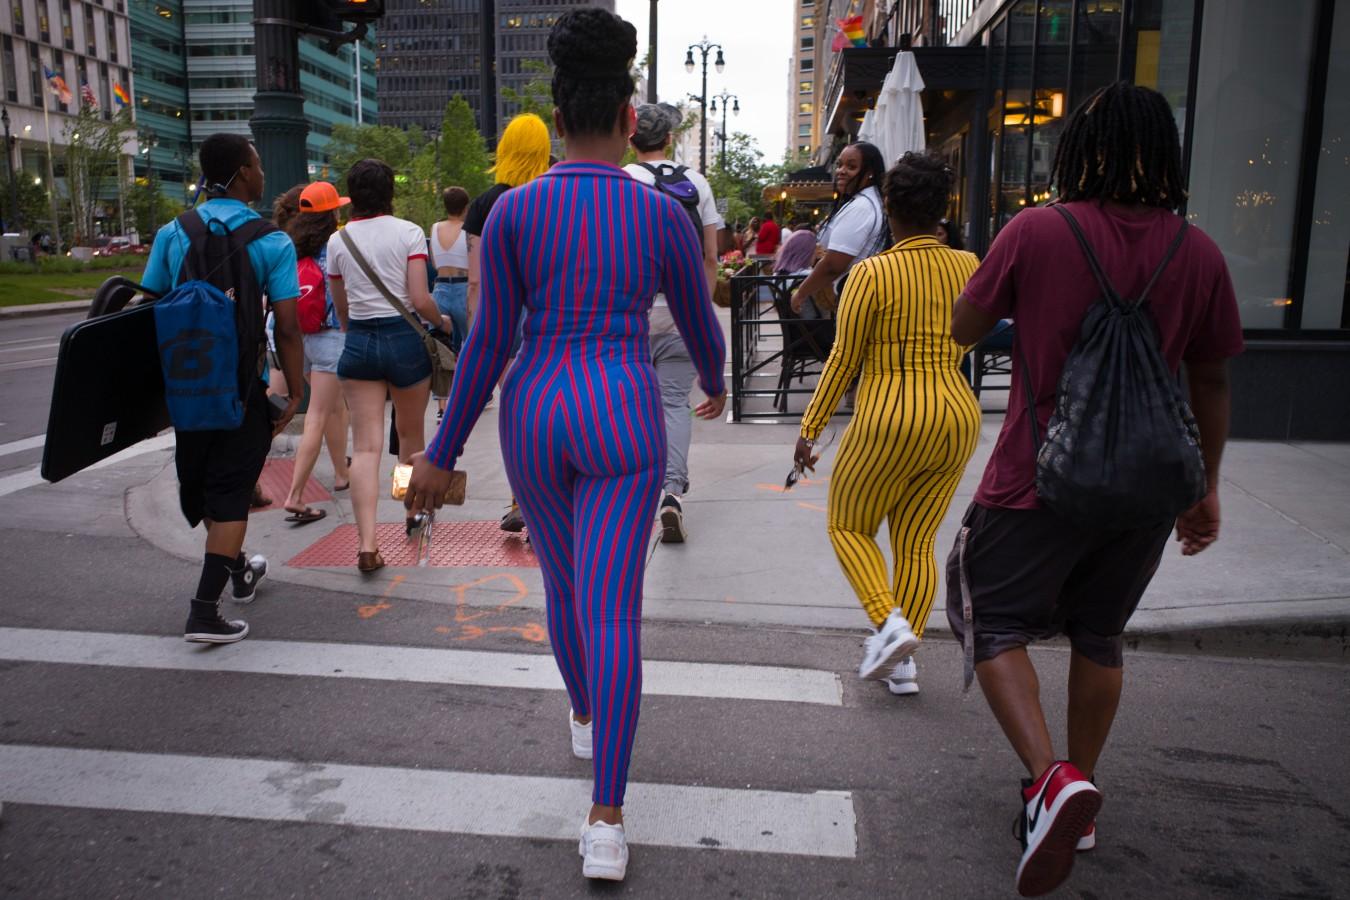 Rainbow Festival visitors, downtown Detroit